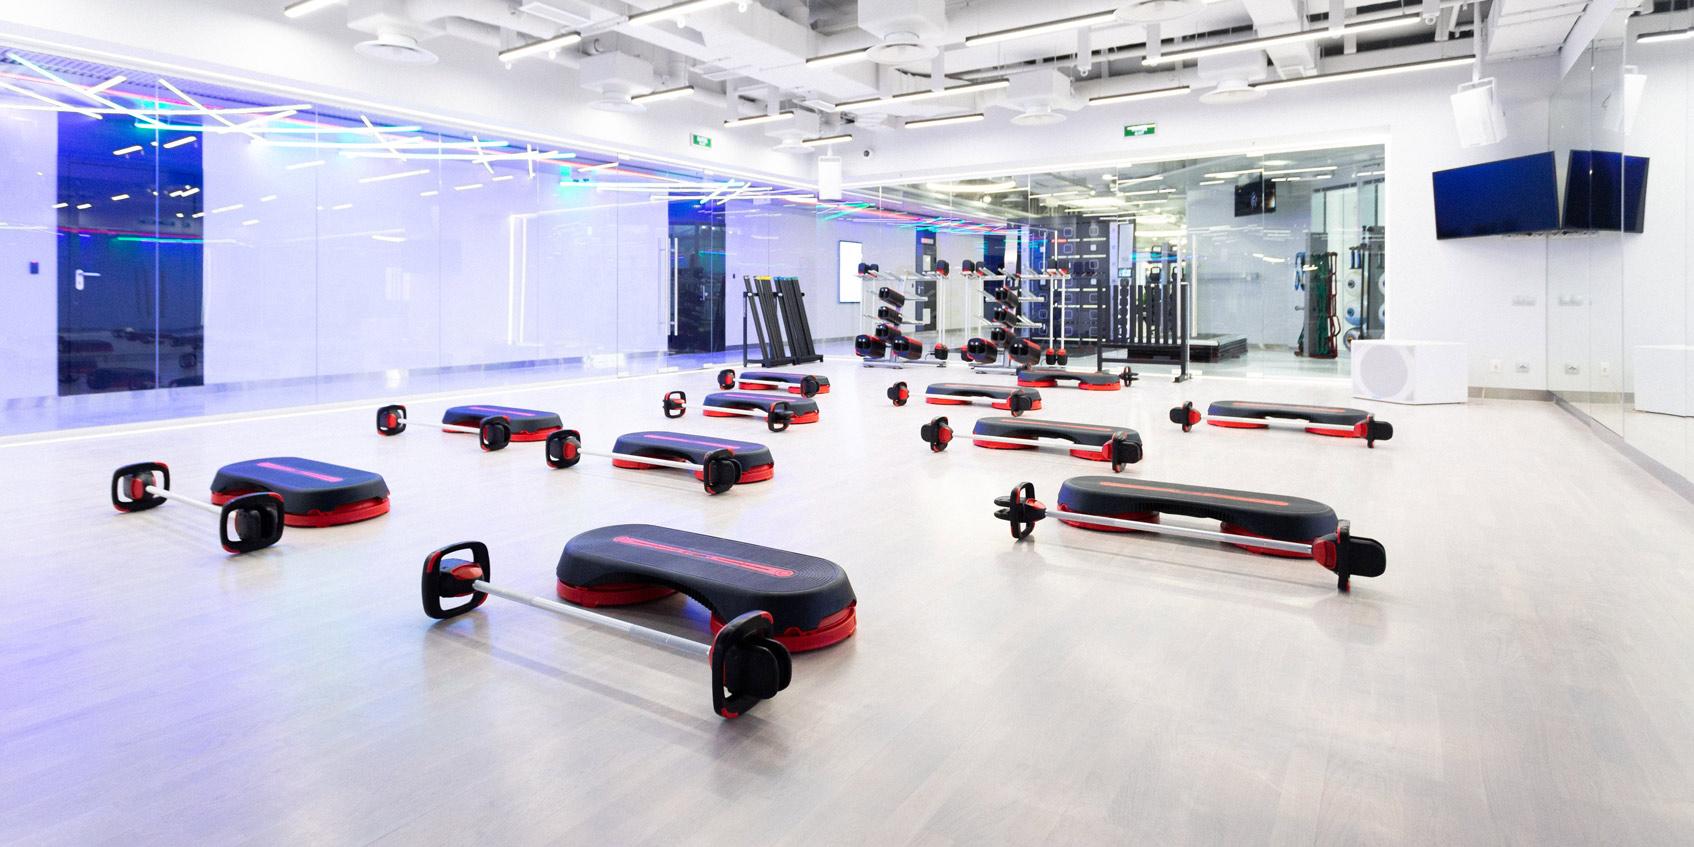 тимати открыл фитнес клуб